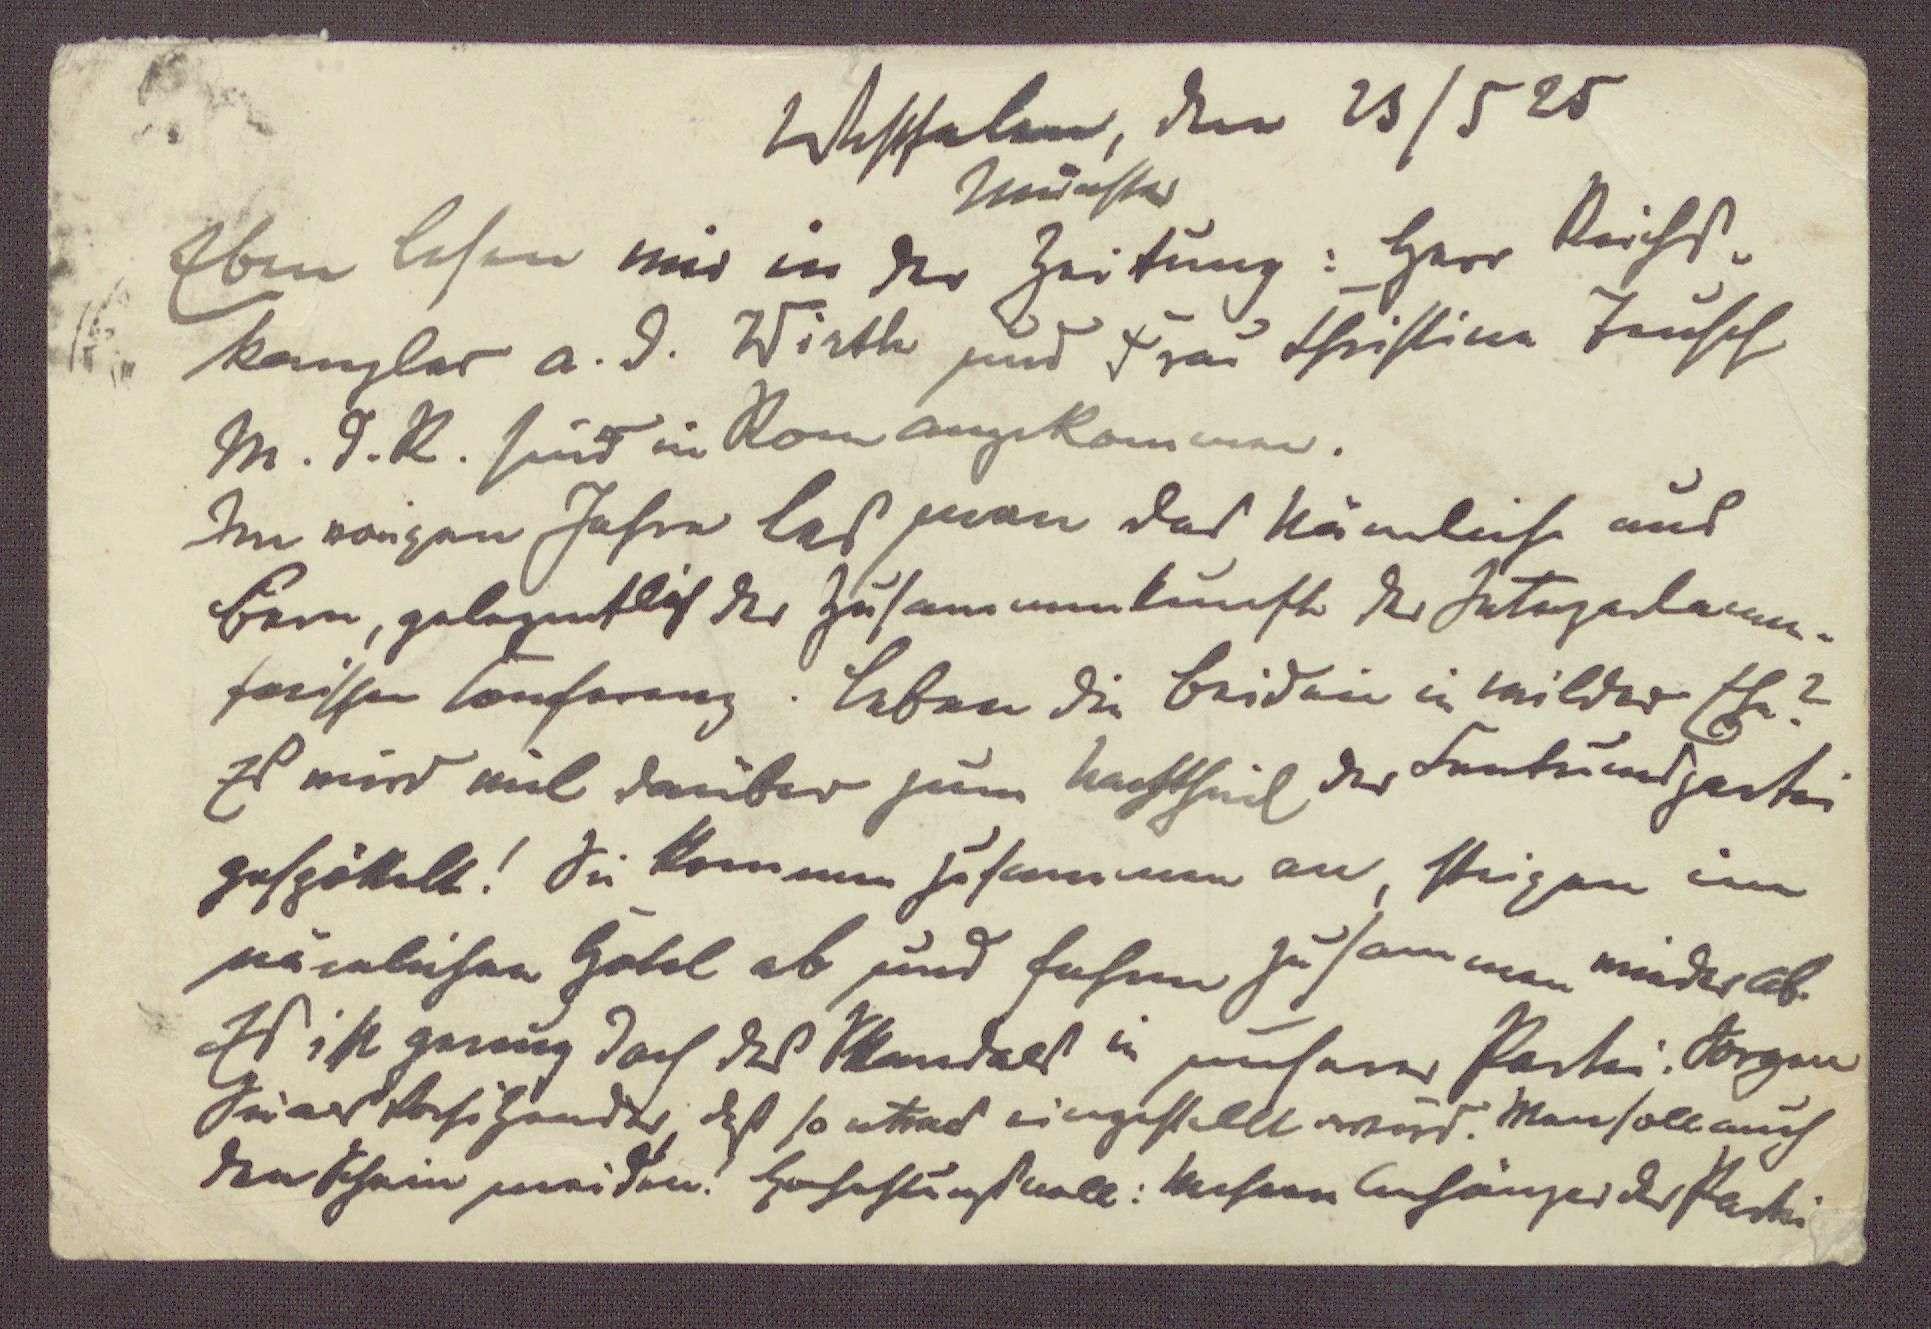 Postkarte an Constantin Fehrenbach, Kritik an einer gemeinsamen Reise von Joseph Wirth und Christine Teusch nach Rom, Bild 3